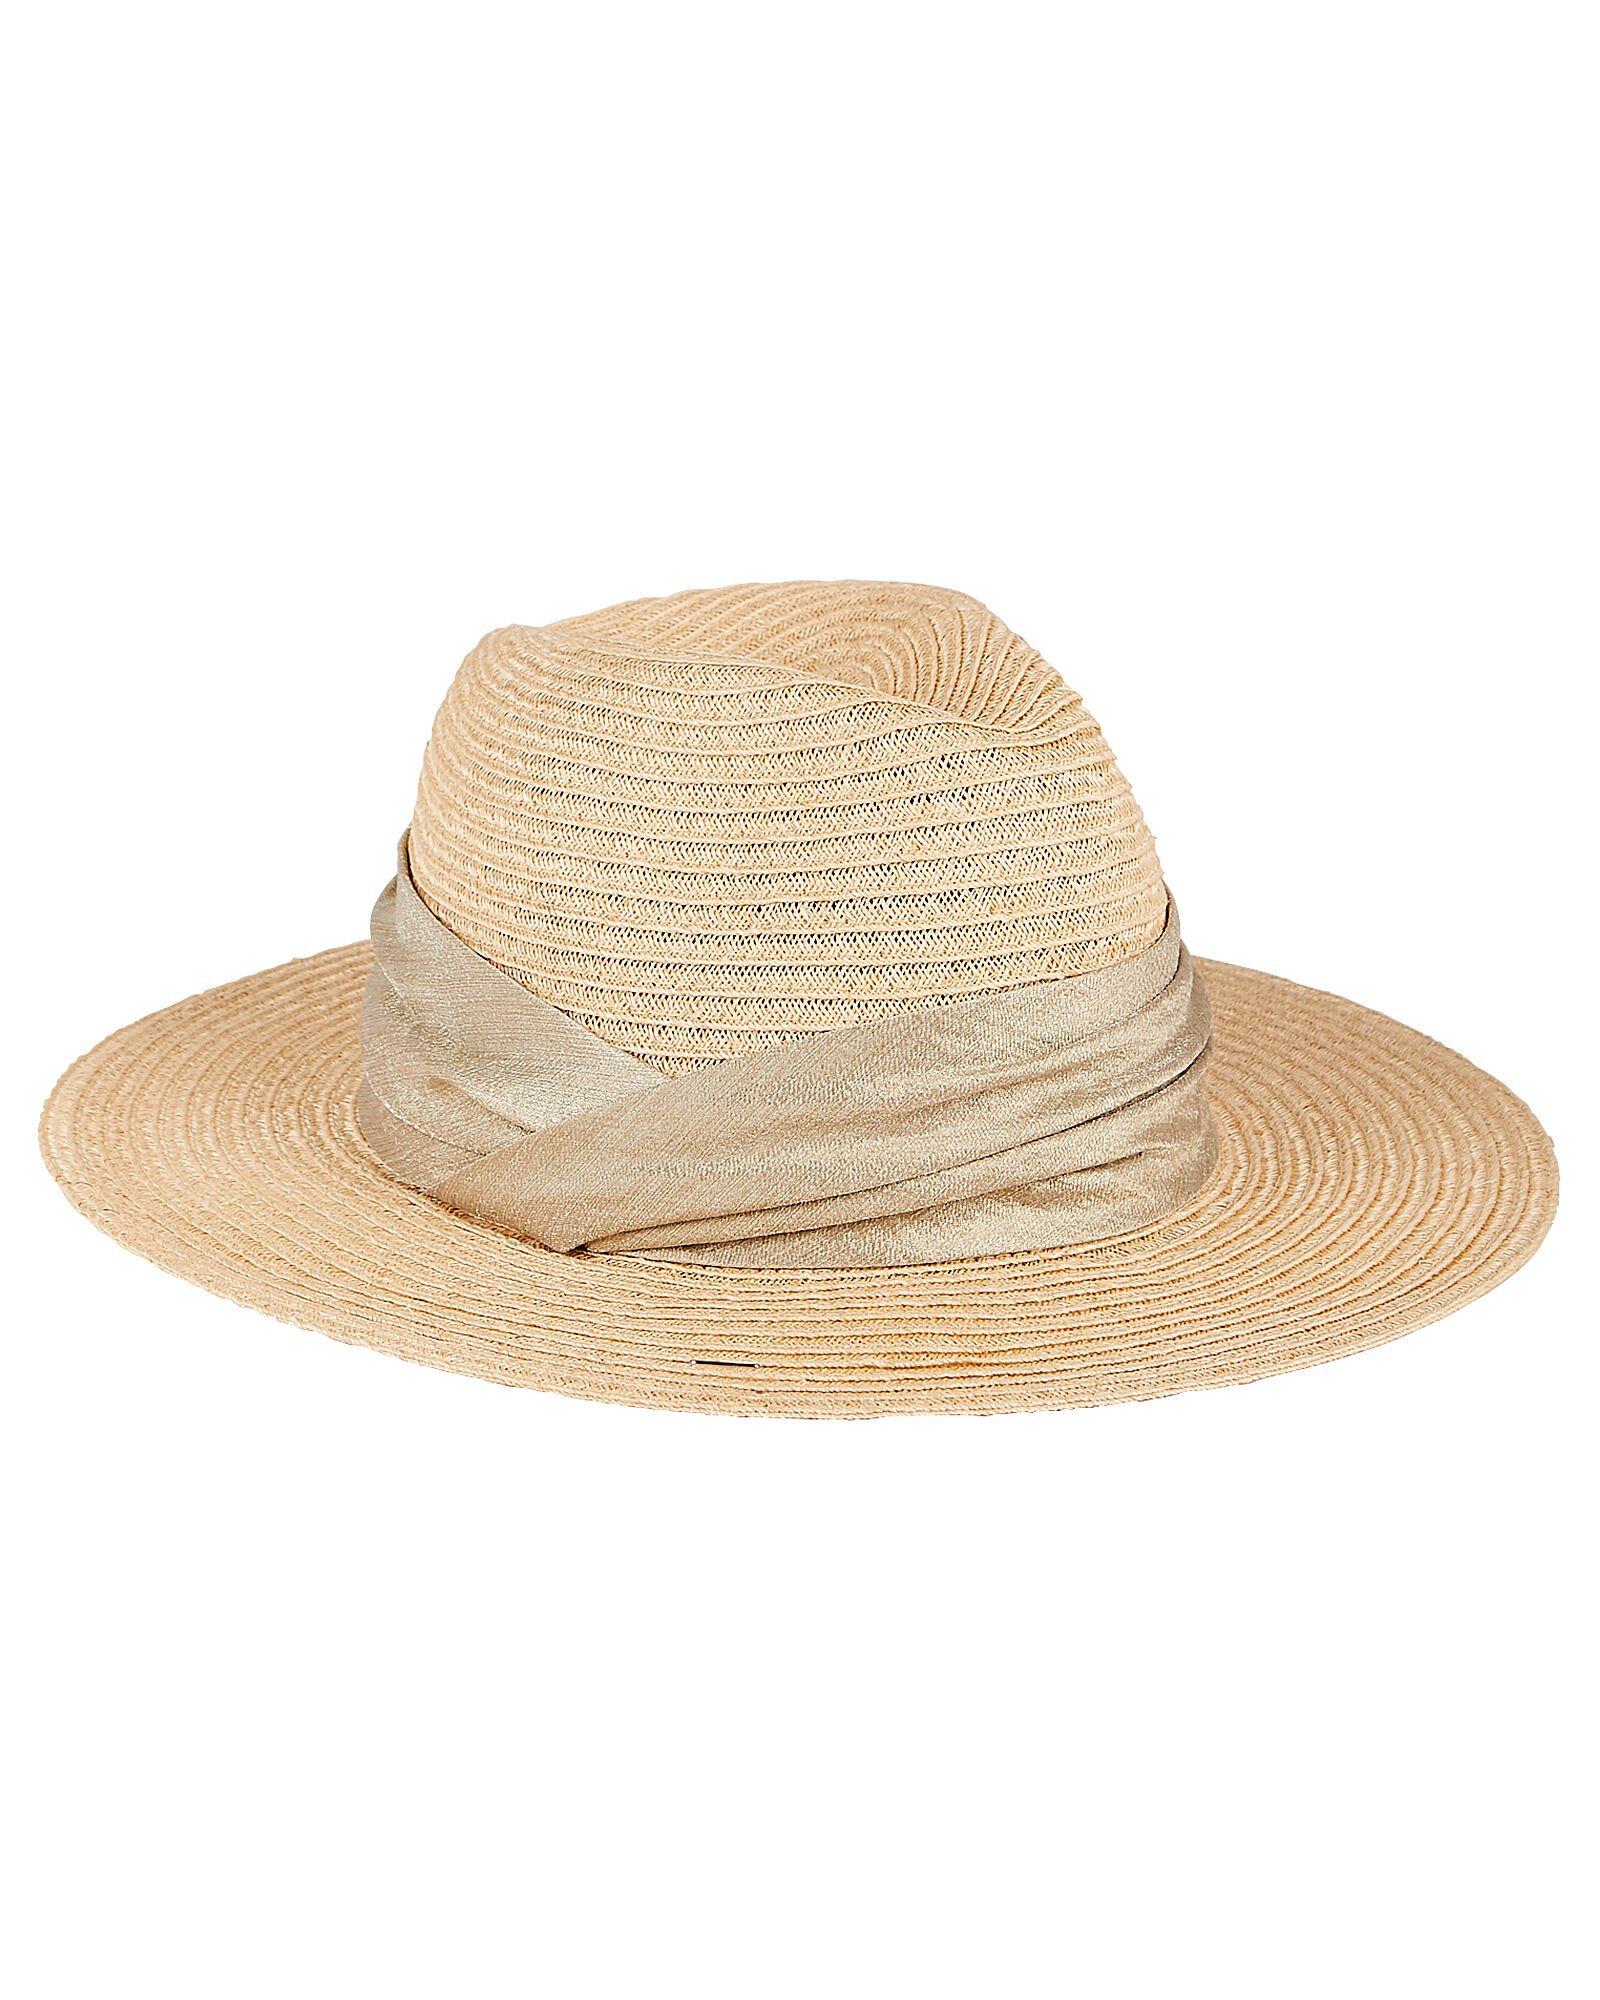 Eugenia Kim | Courtney Straw Sun Hat | INTERMIX®